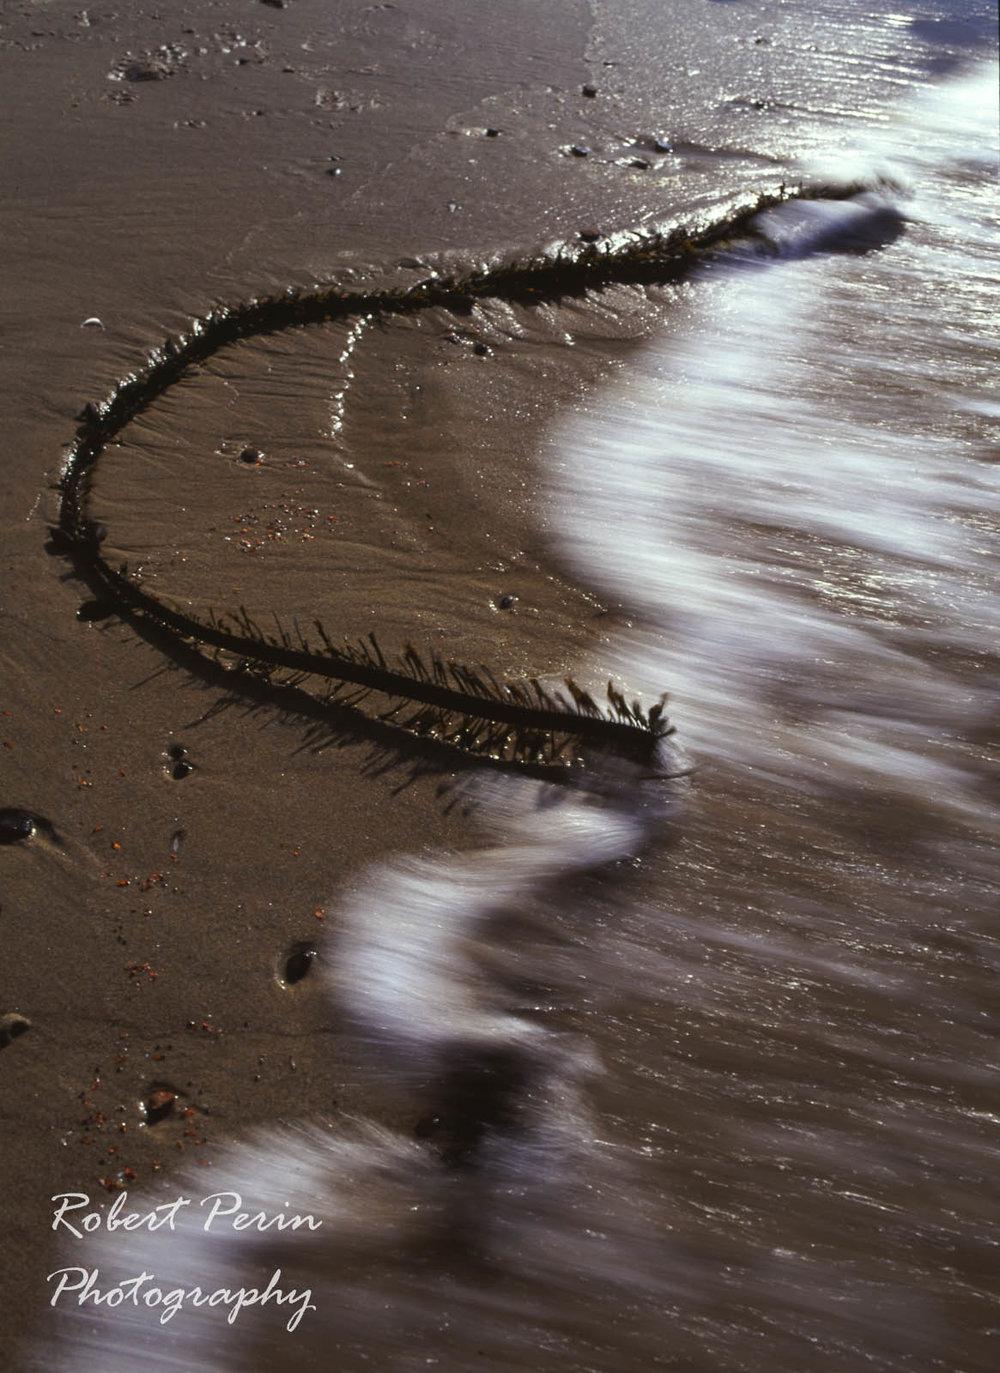 KELP ON THE BEACH 2